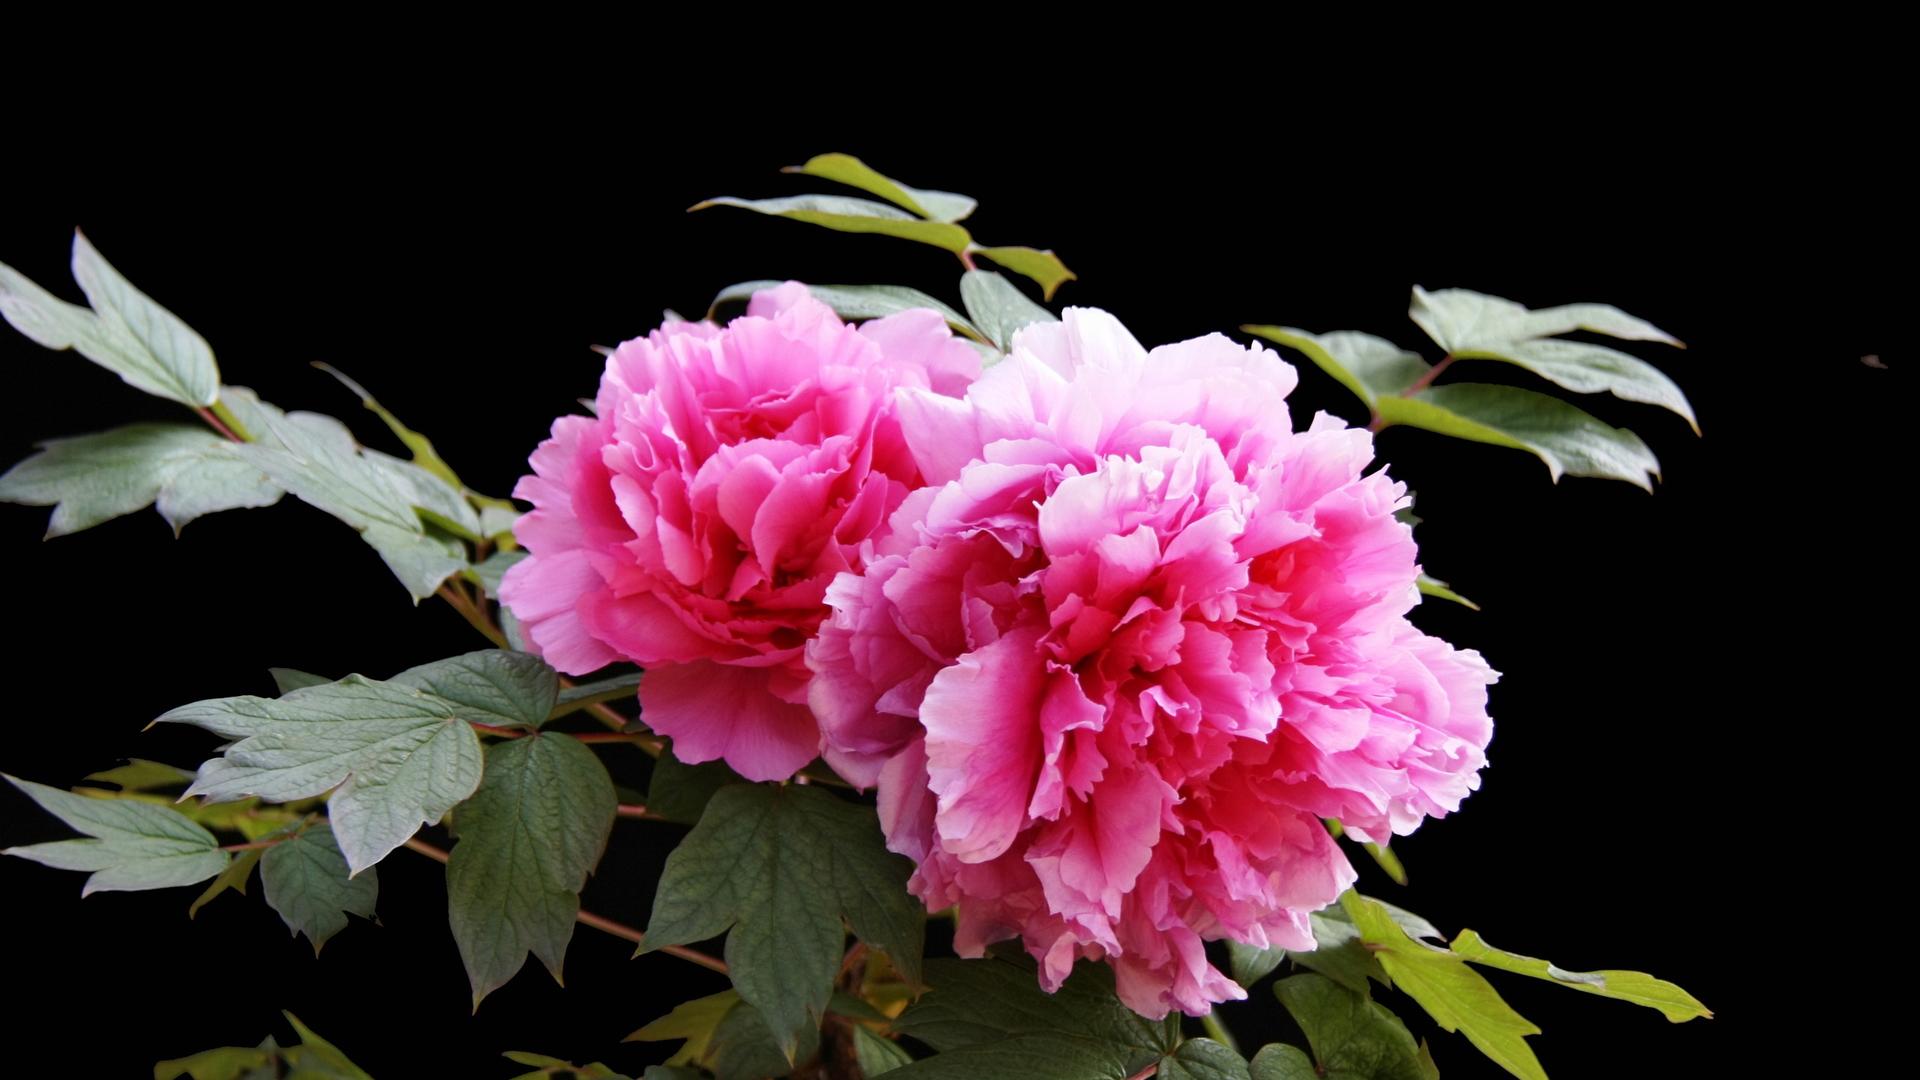 牡丹花花语和寓意